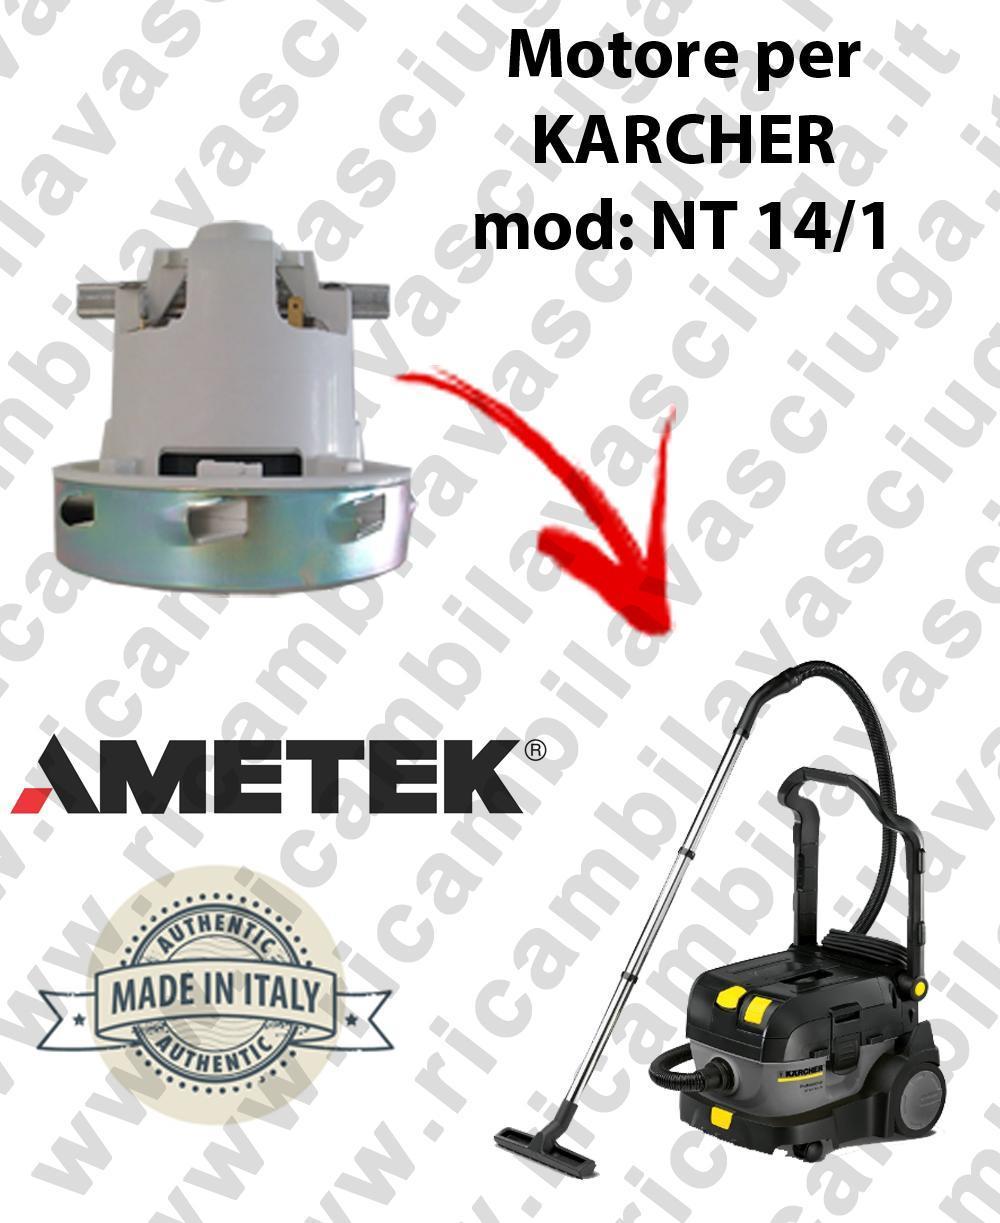 NT 14/1  MOTEUR ASPIRATION AMETEK  pour aspirateur KARCHER